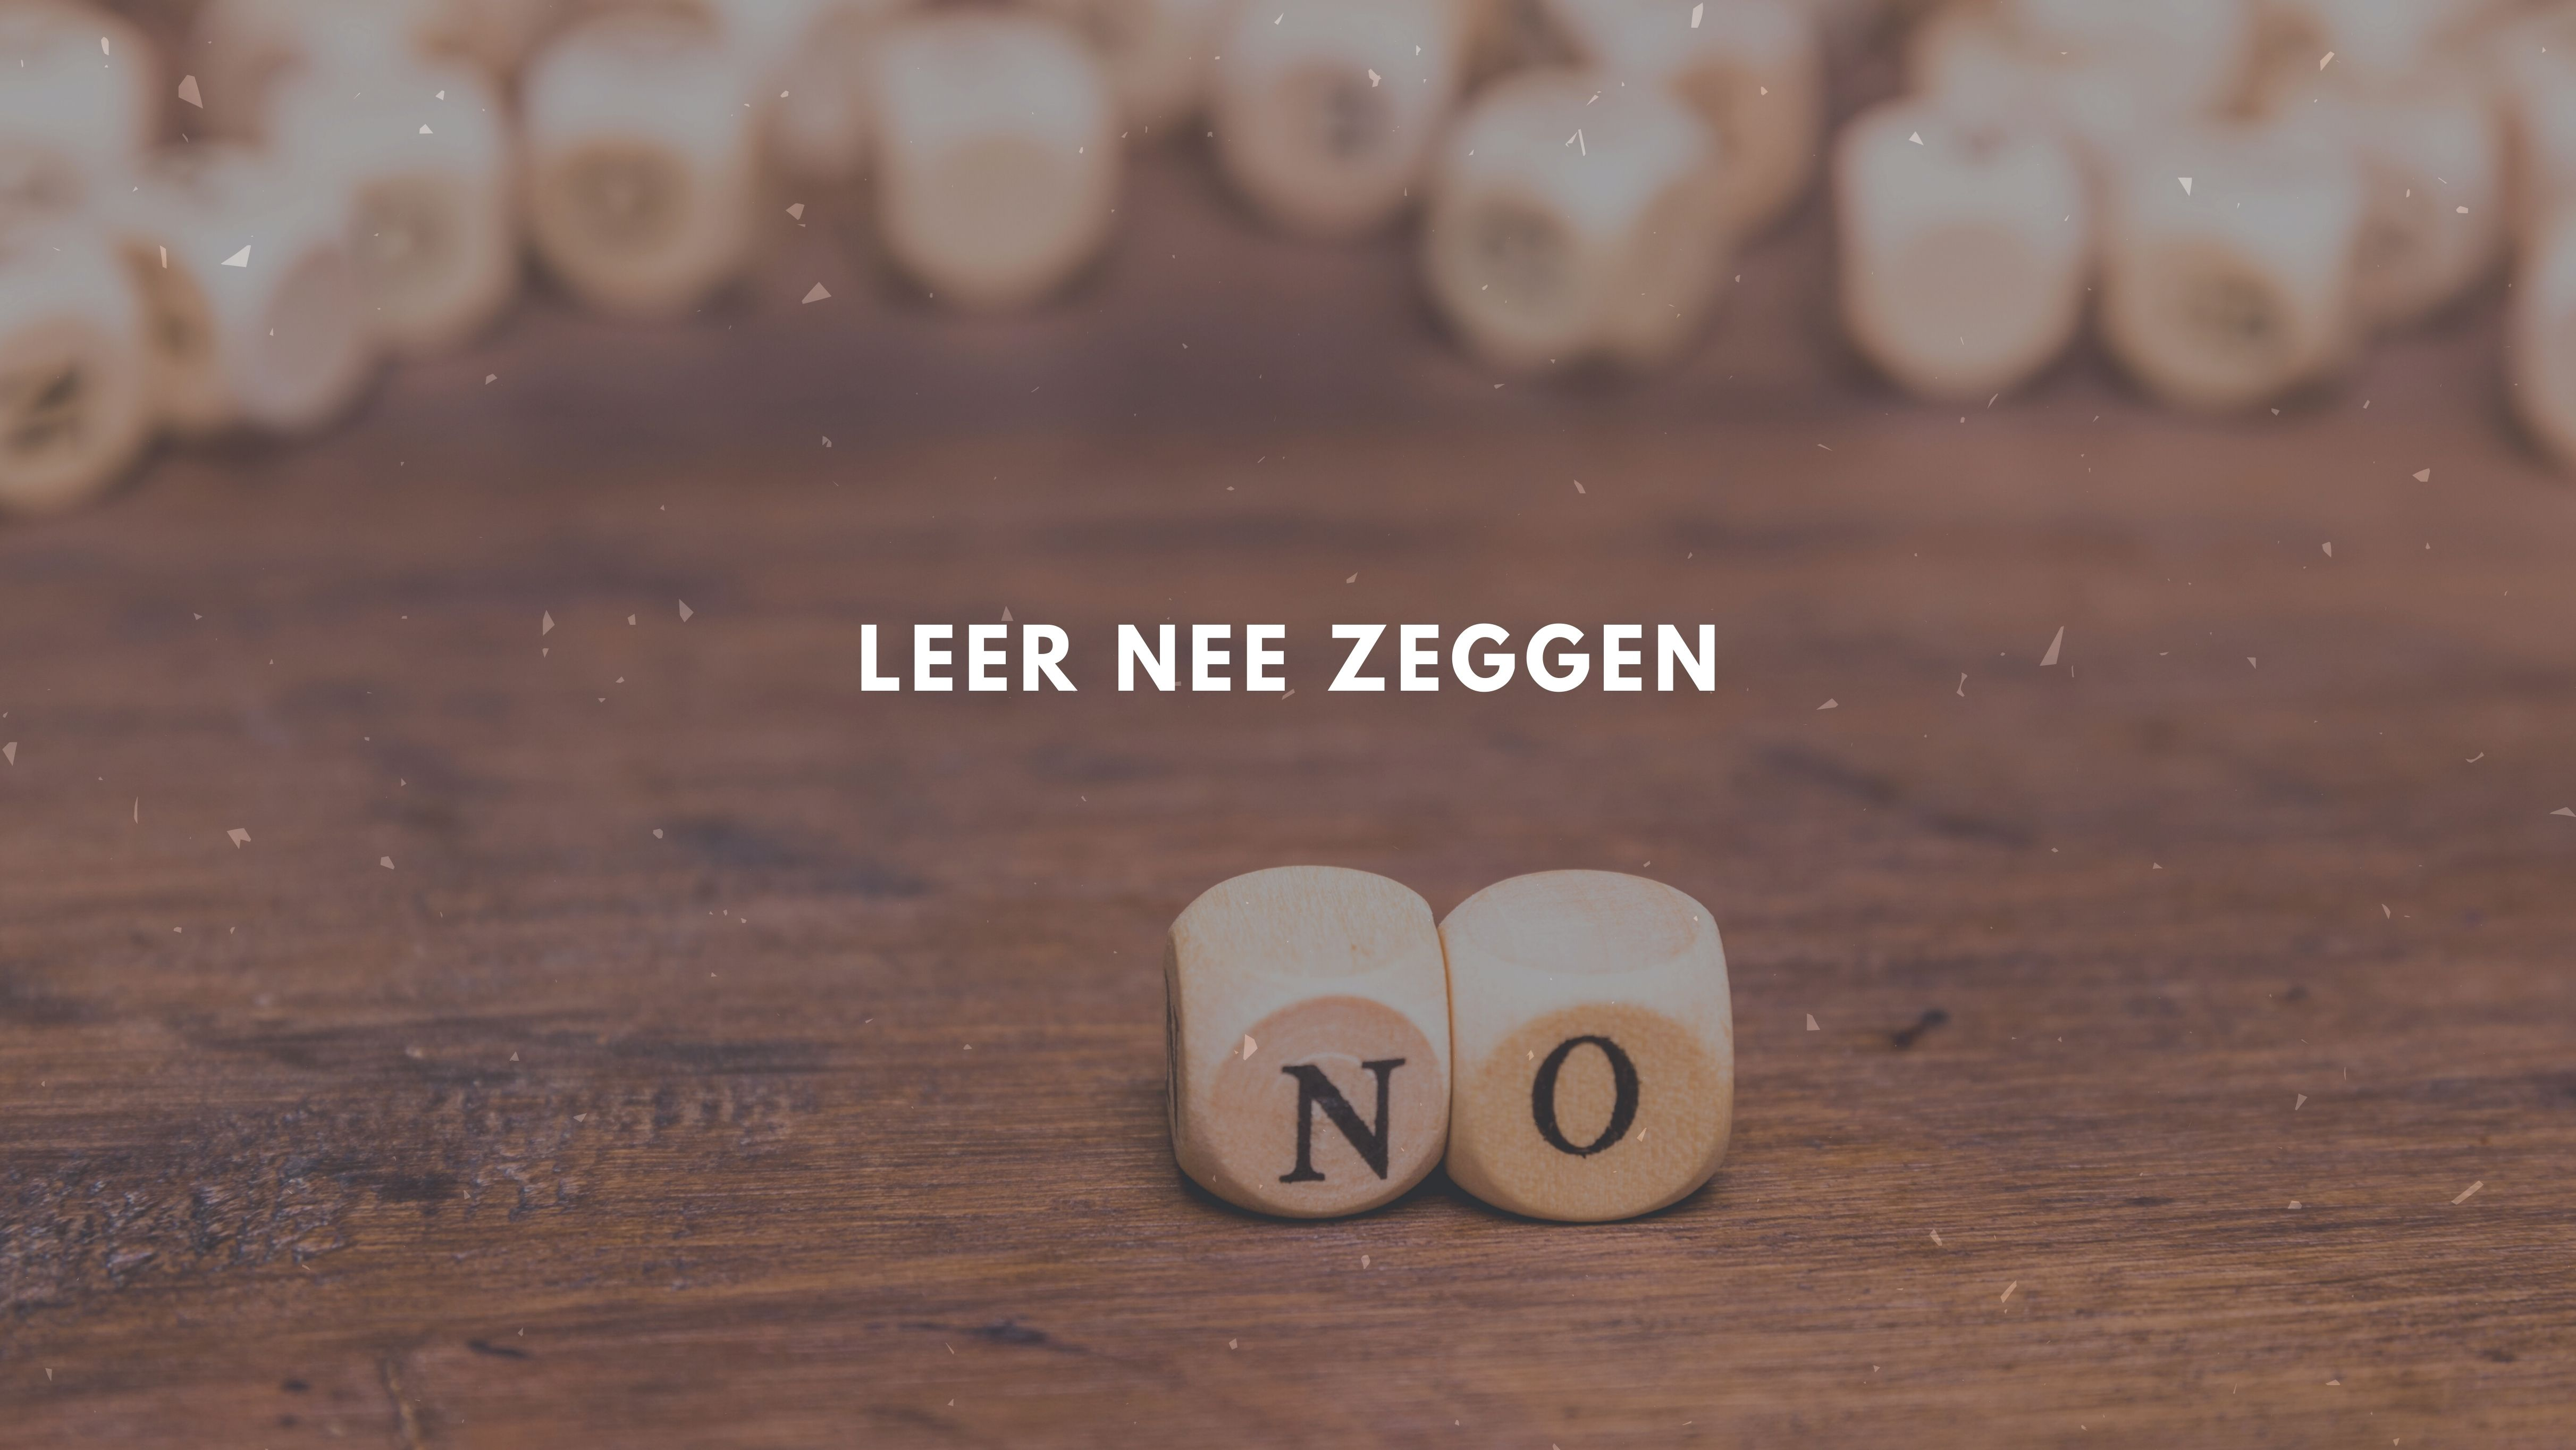 Leer nee zeggen